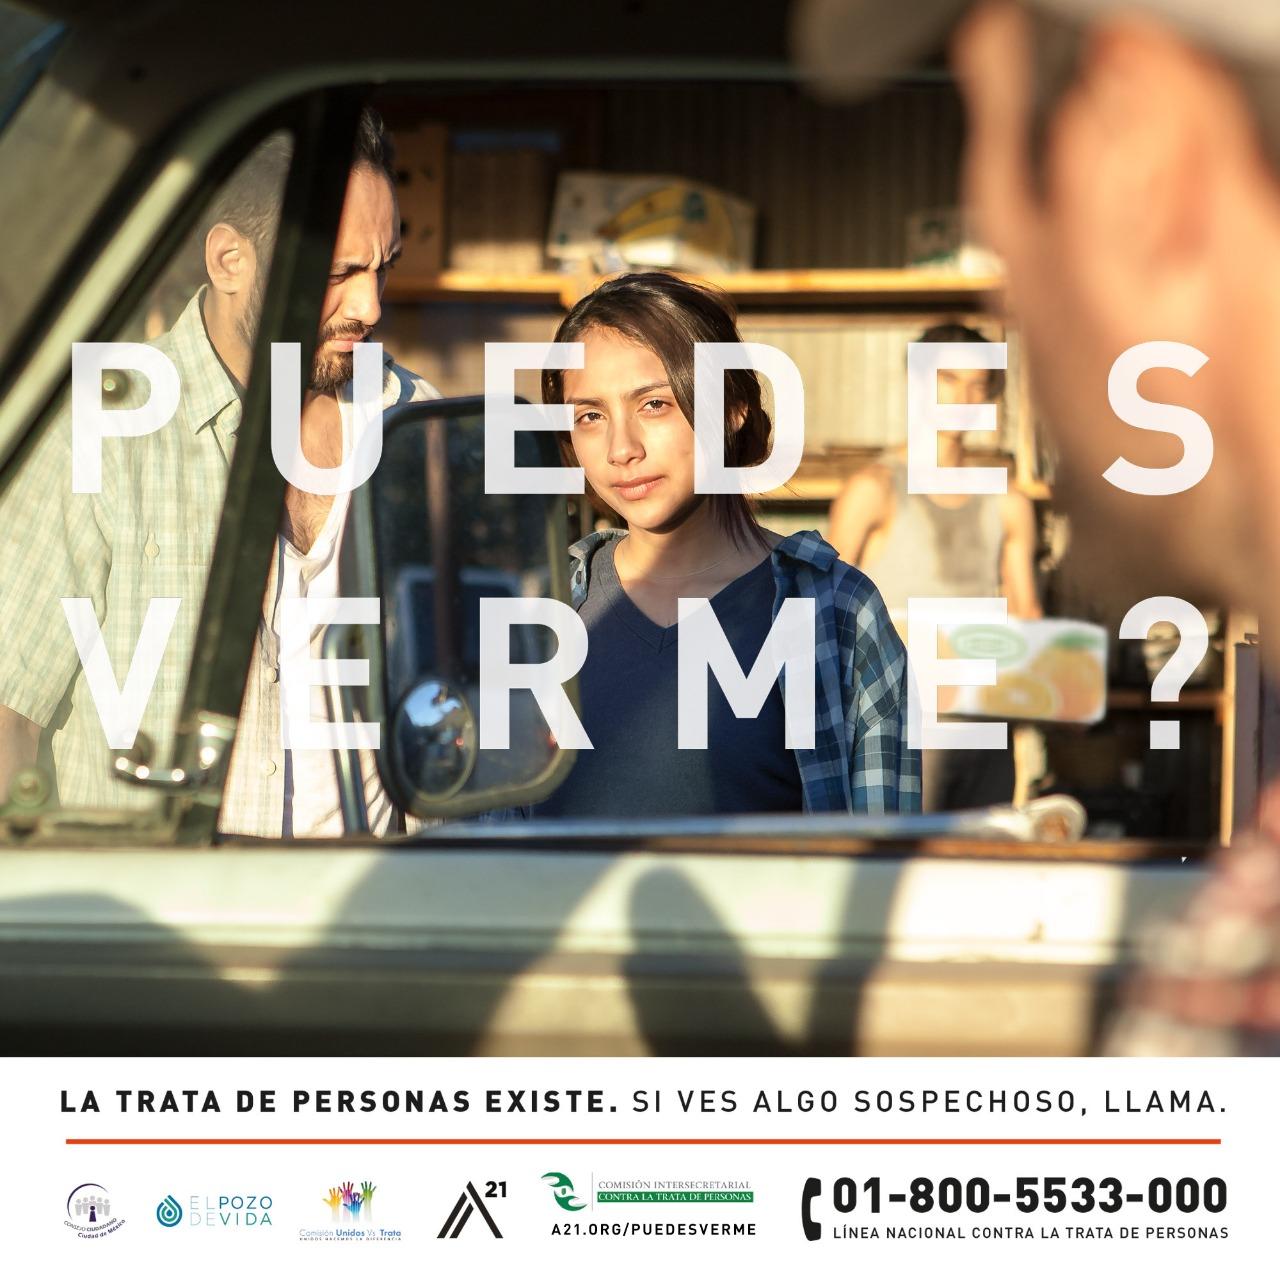 La trata de personas existe. #PuedesVerme